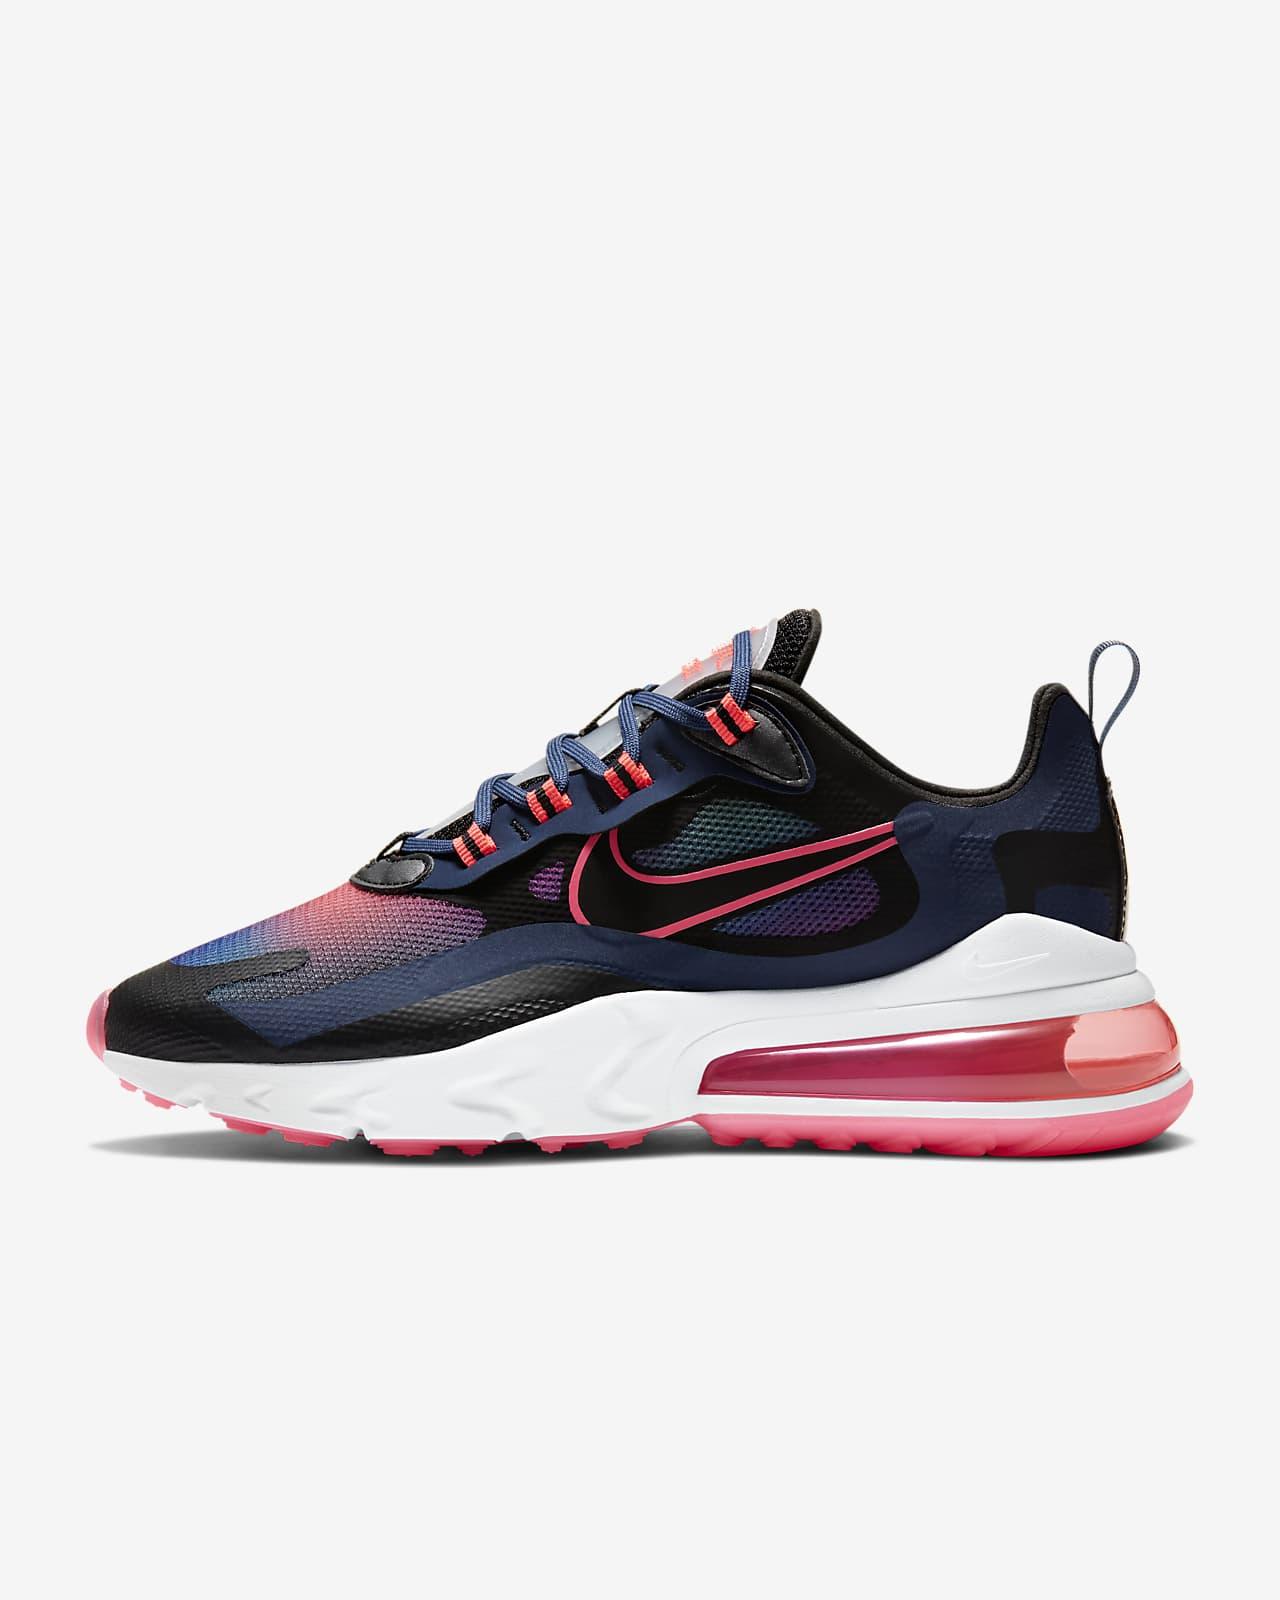 Nike Air Max 270 React SE 女鞋